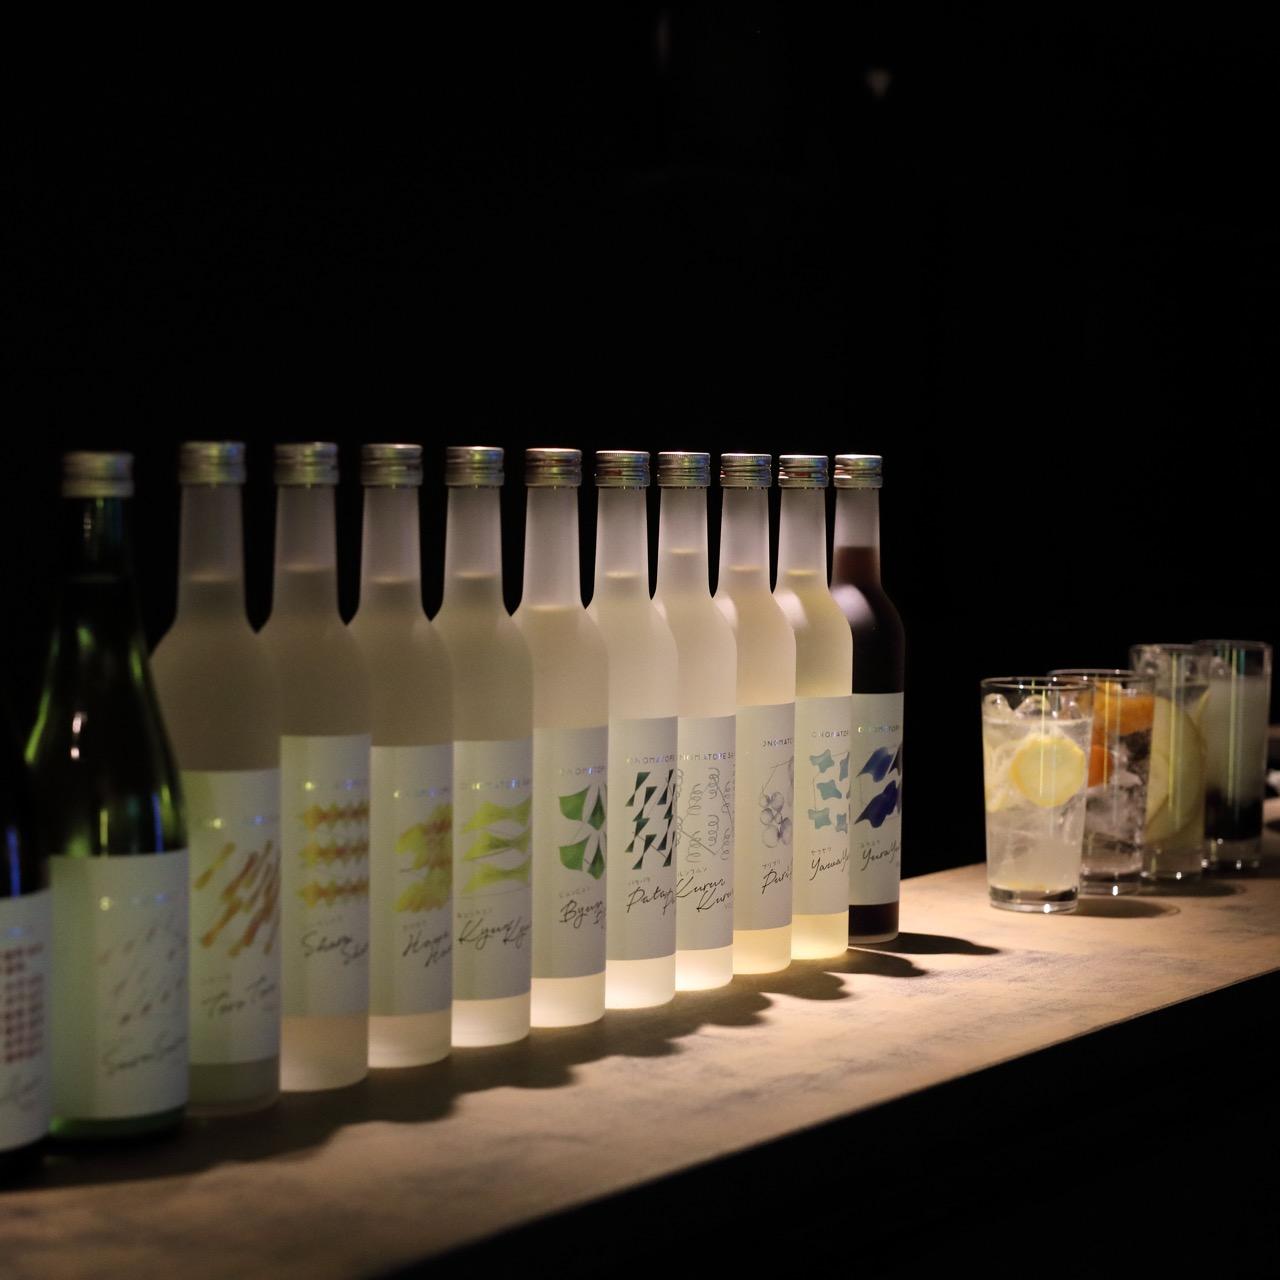 「絶対、好きな日本酒に出会える」。新オープンした代官山の日本酒バーがちょっと面白い